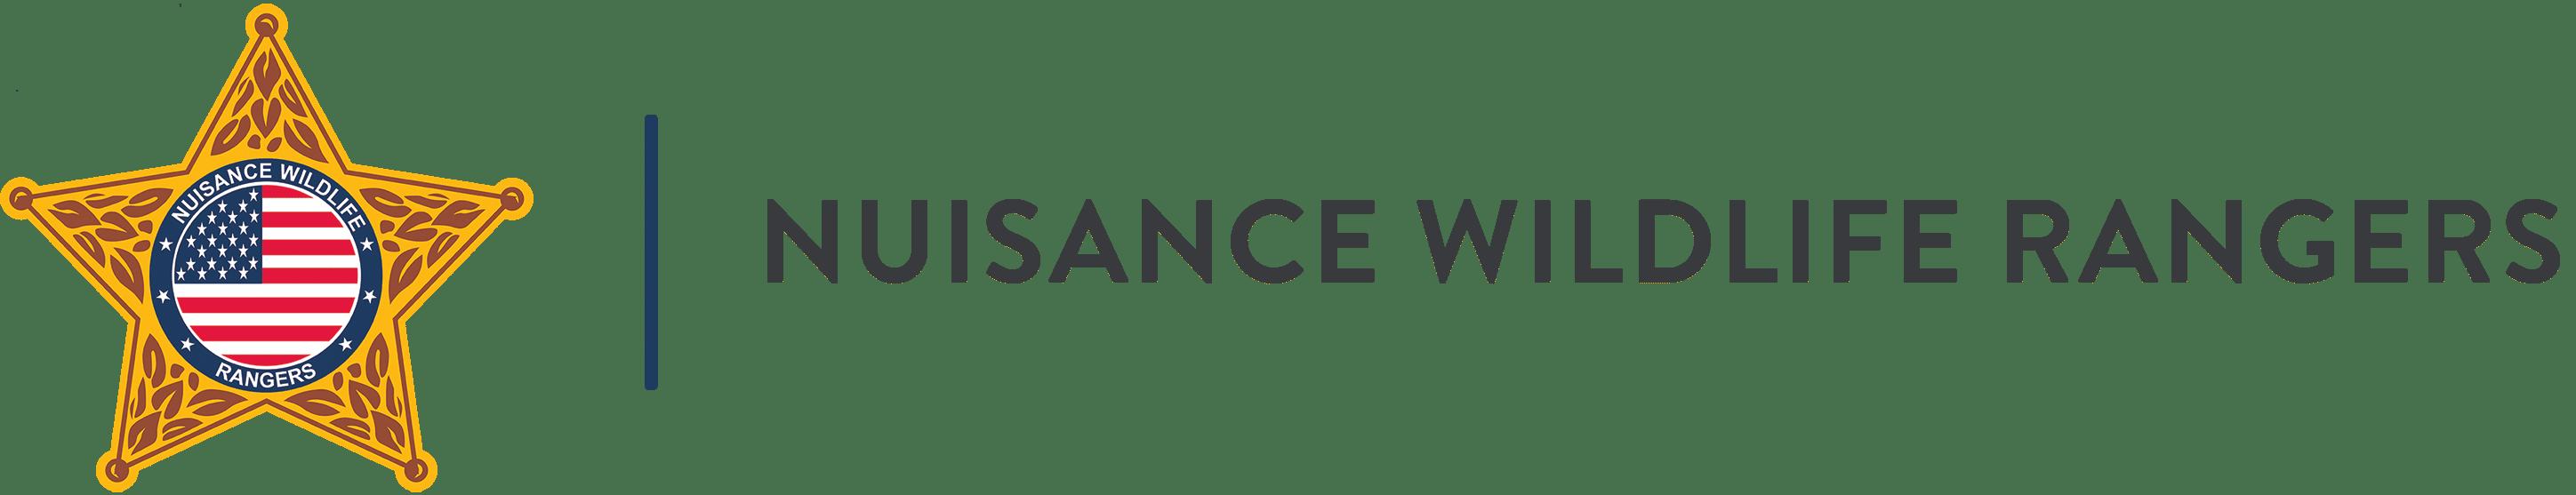 Nuisance Wildlife Rangers